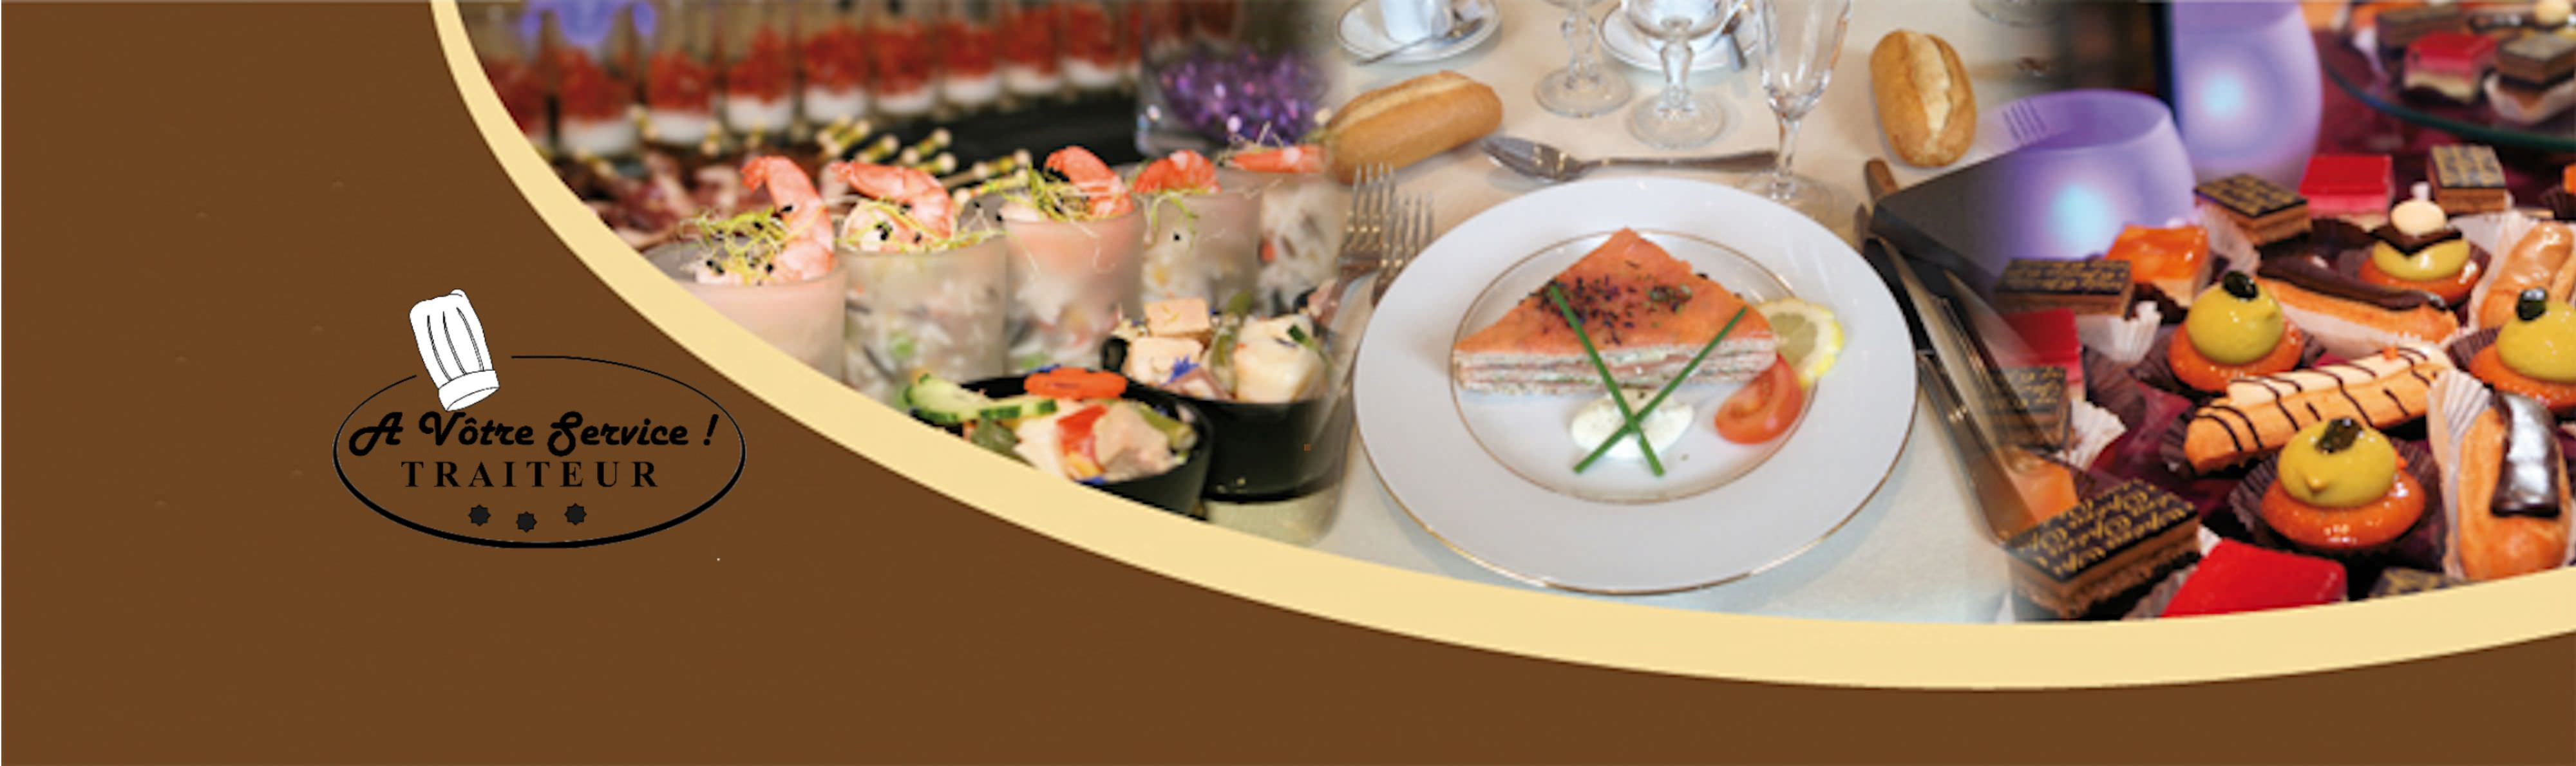 Cocktail - Buffet - Réceptions - Plateaux repas